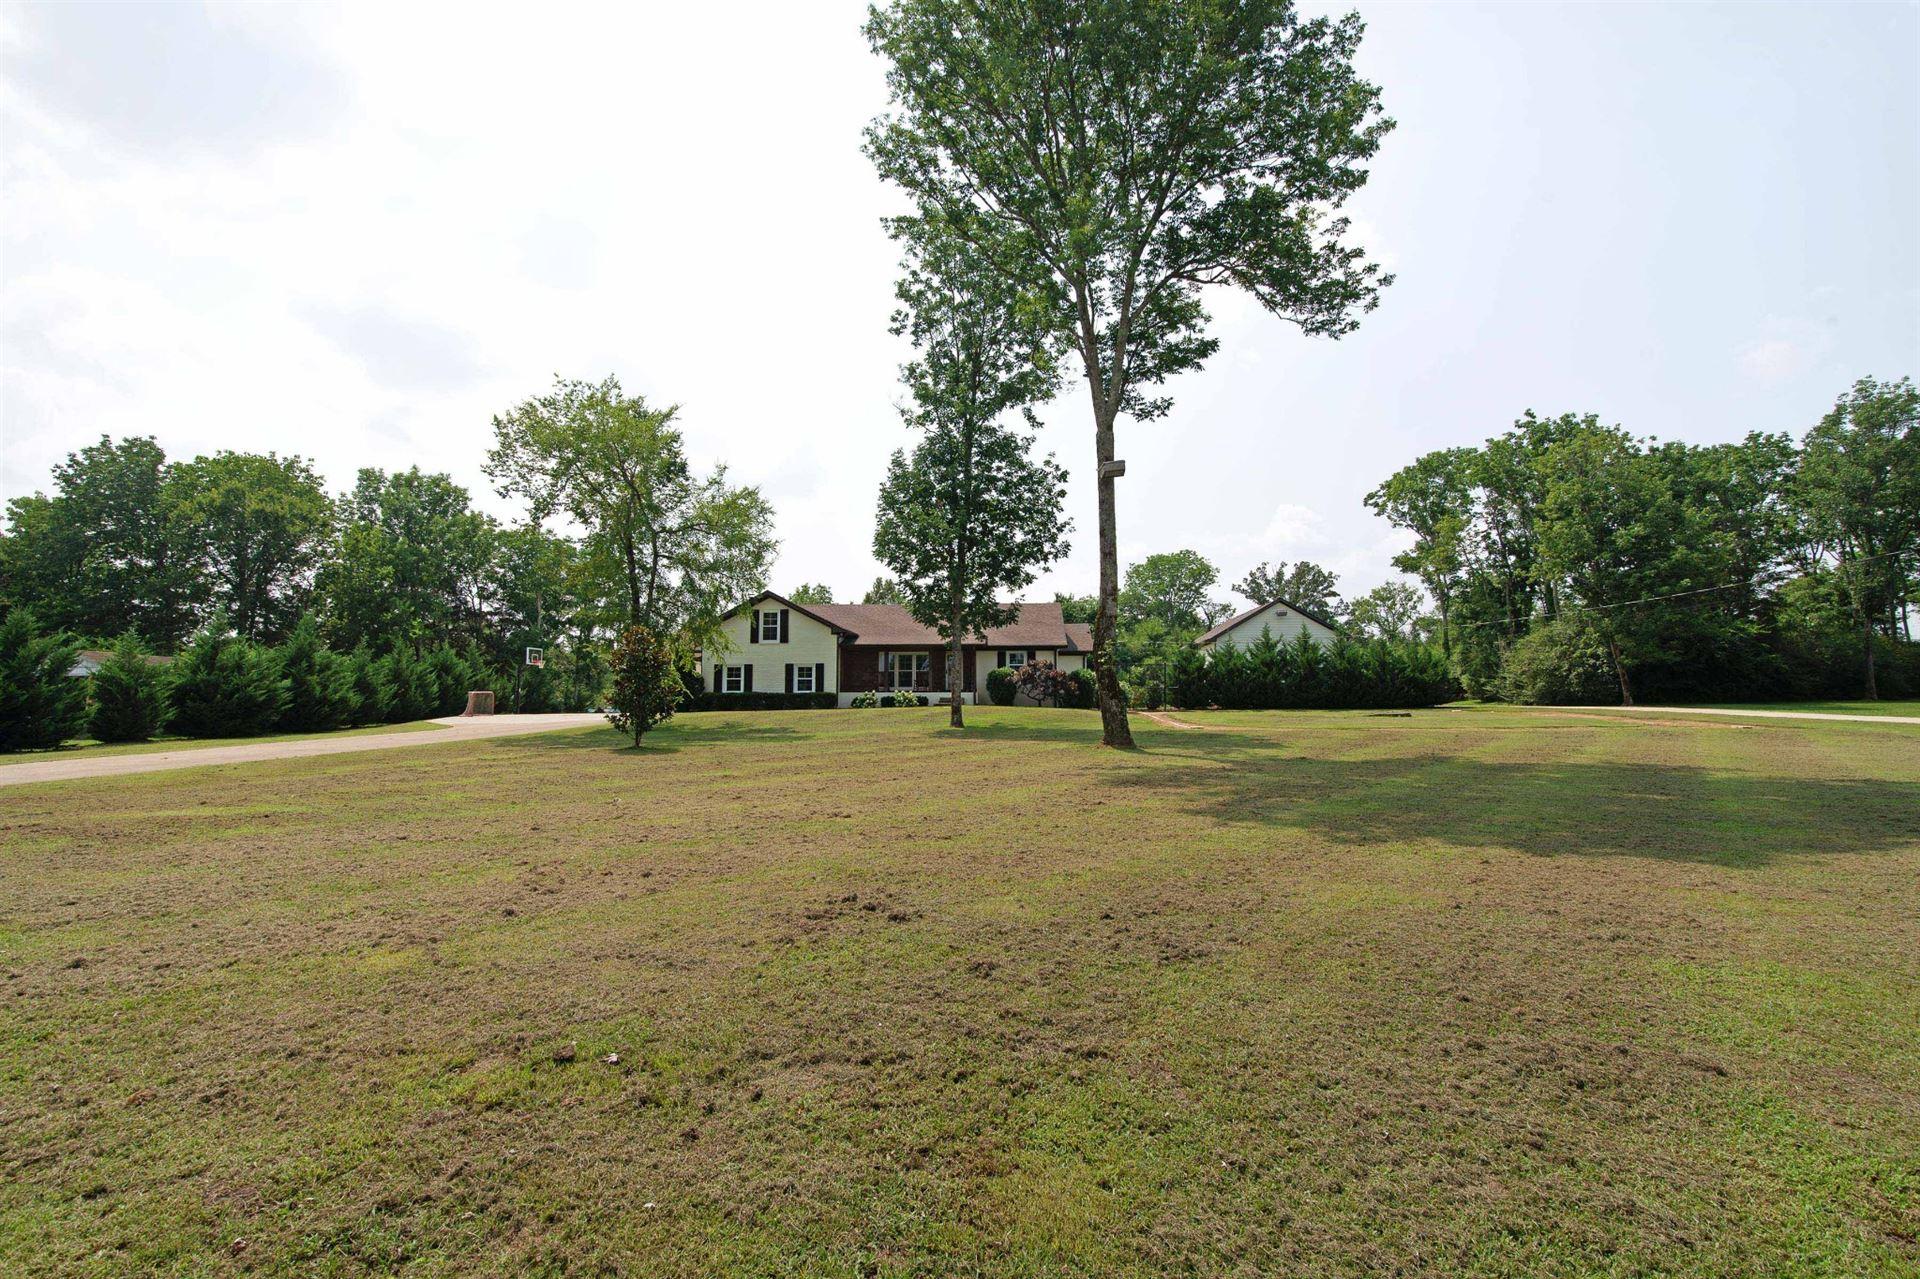 Photo of 6249 Ladd Rd, Franklin, TN 37067 (MLS # 2276180)